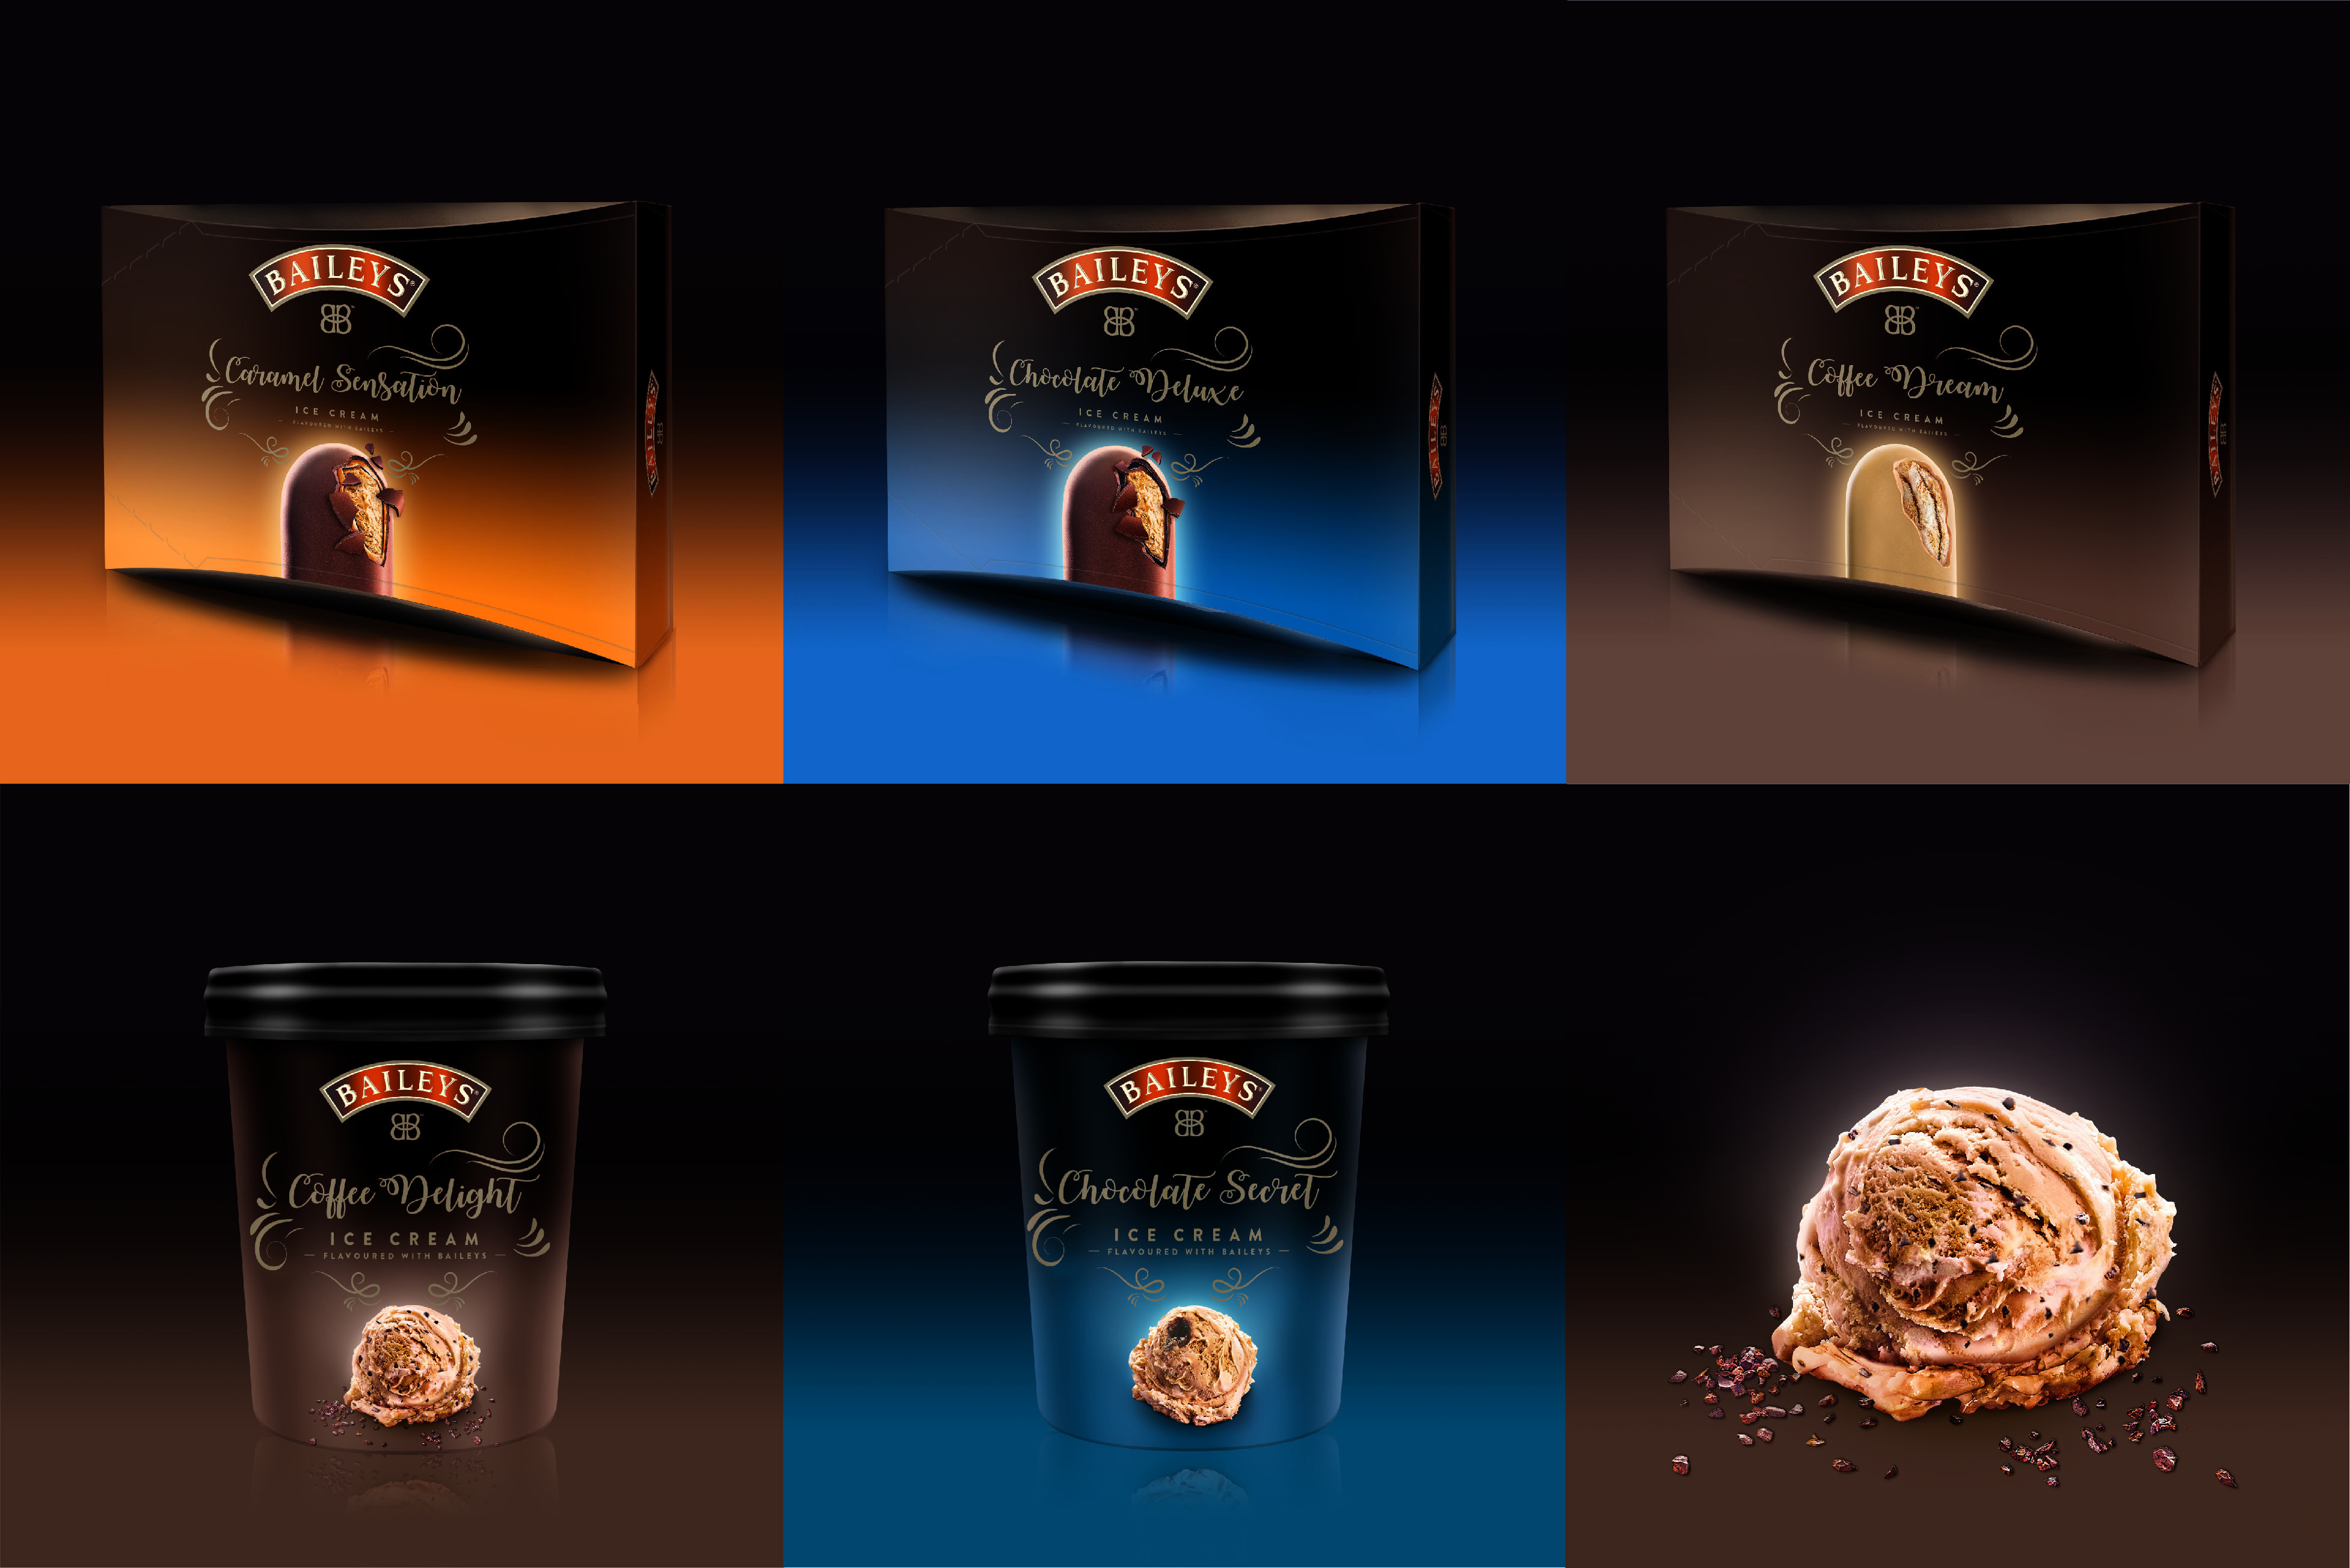 01-Baileys-Eis-packaging-hajokdesign.jpg#asset:1637